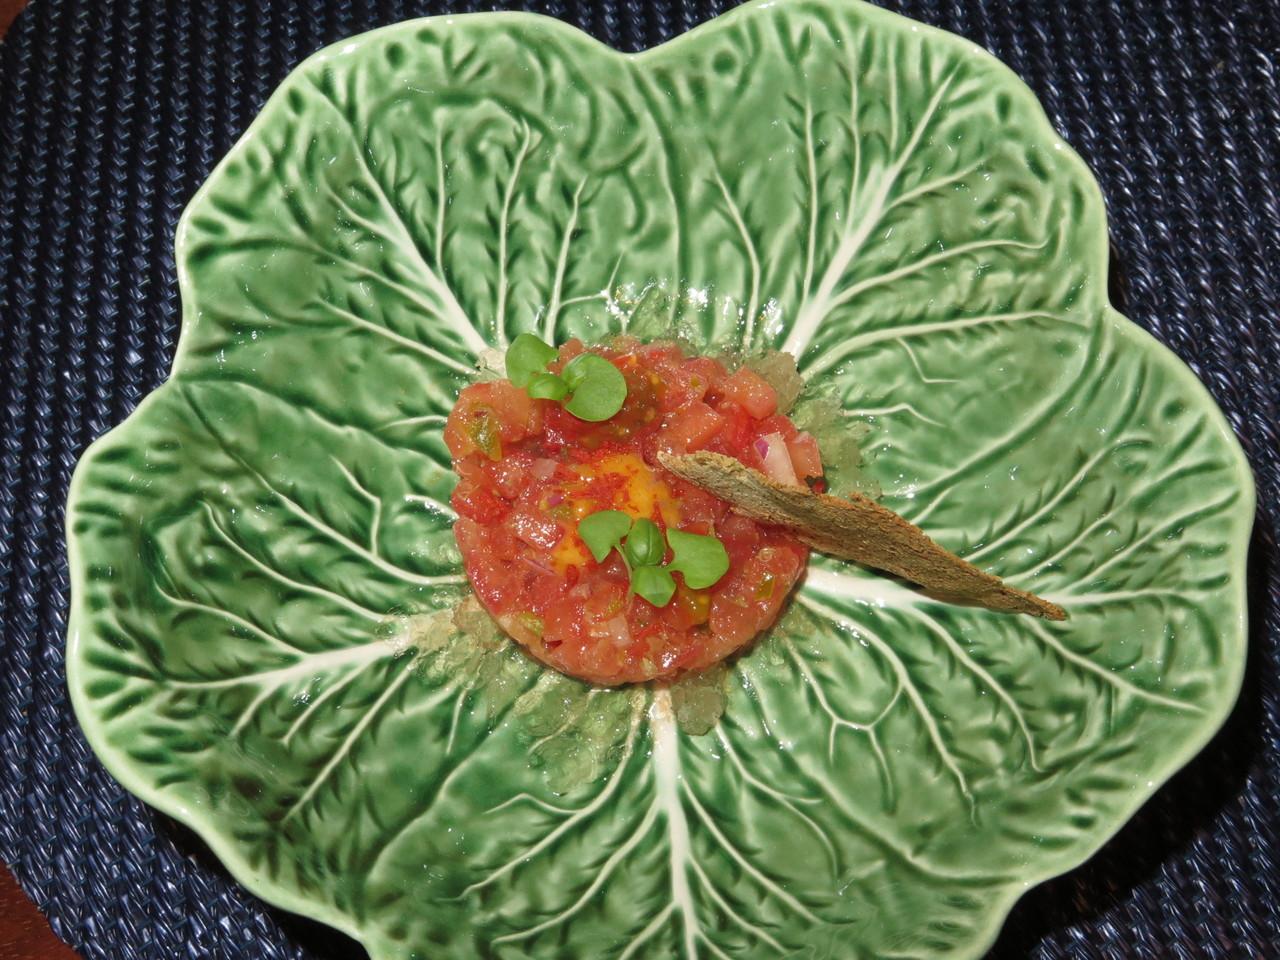 Tártaro de tomate e orégãos